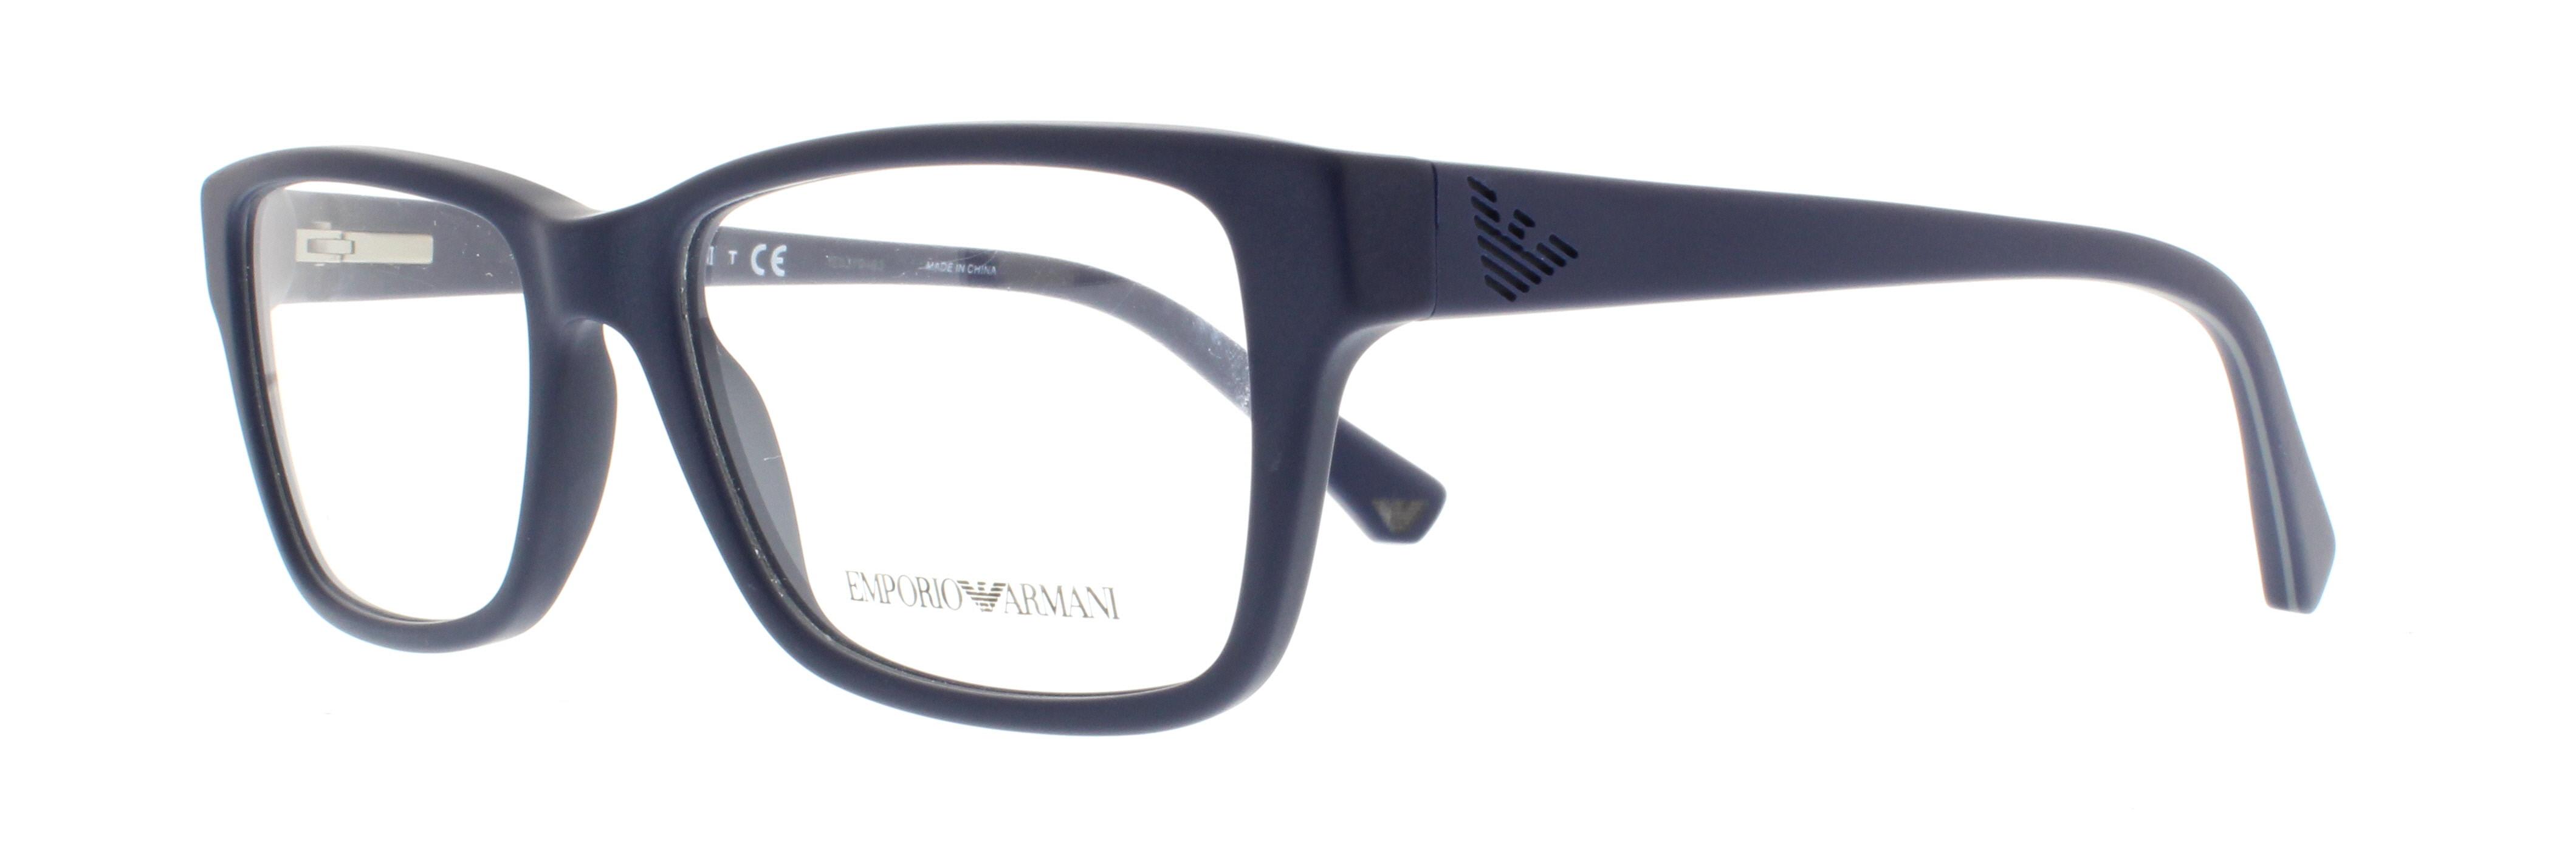 c5e9cd130bf7 Designer Frames Outlet. Emporio Armani EA3057